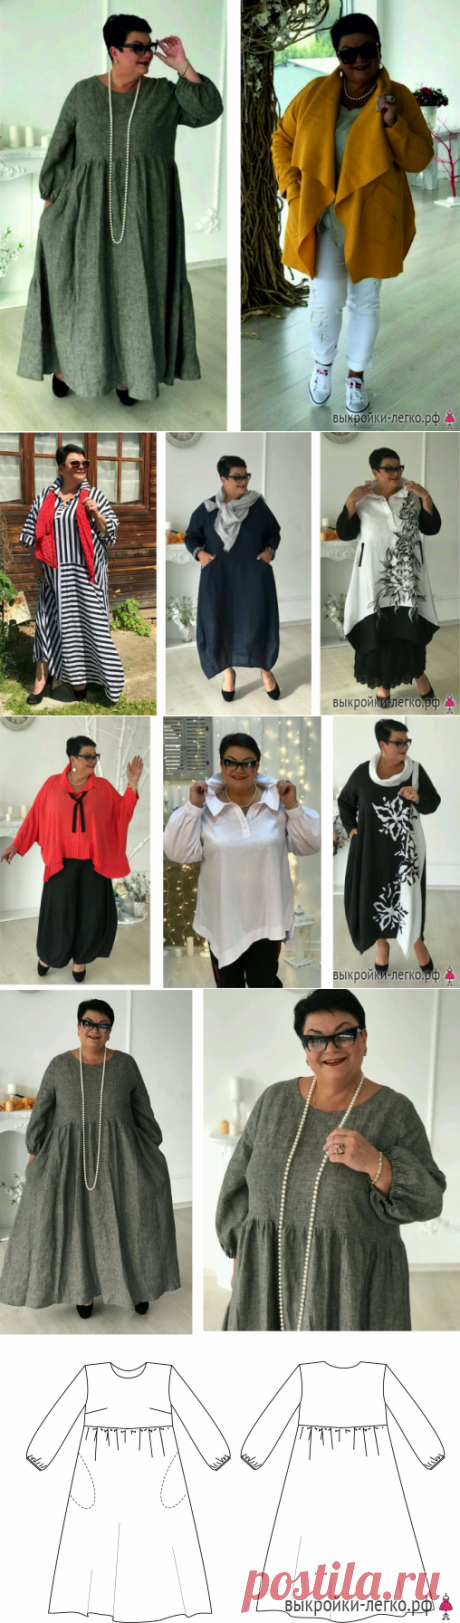 [Шитье] Одежда больших размеров... Просто и стильно! Мастер-класс + вдохновляющие идеи